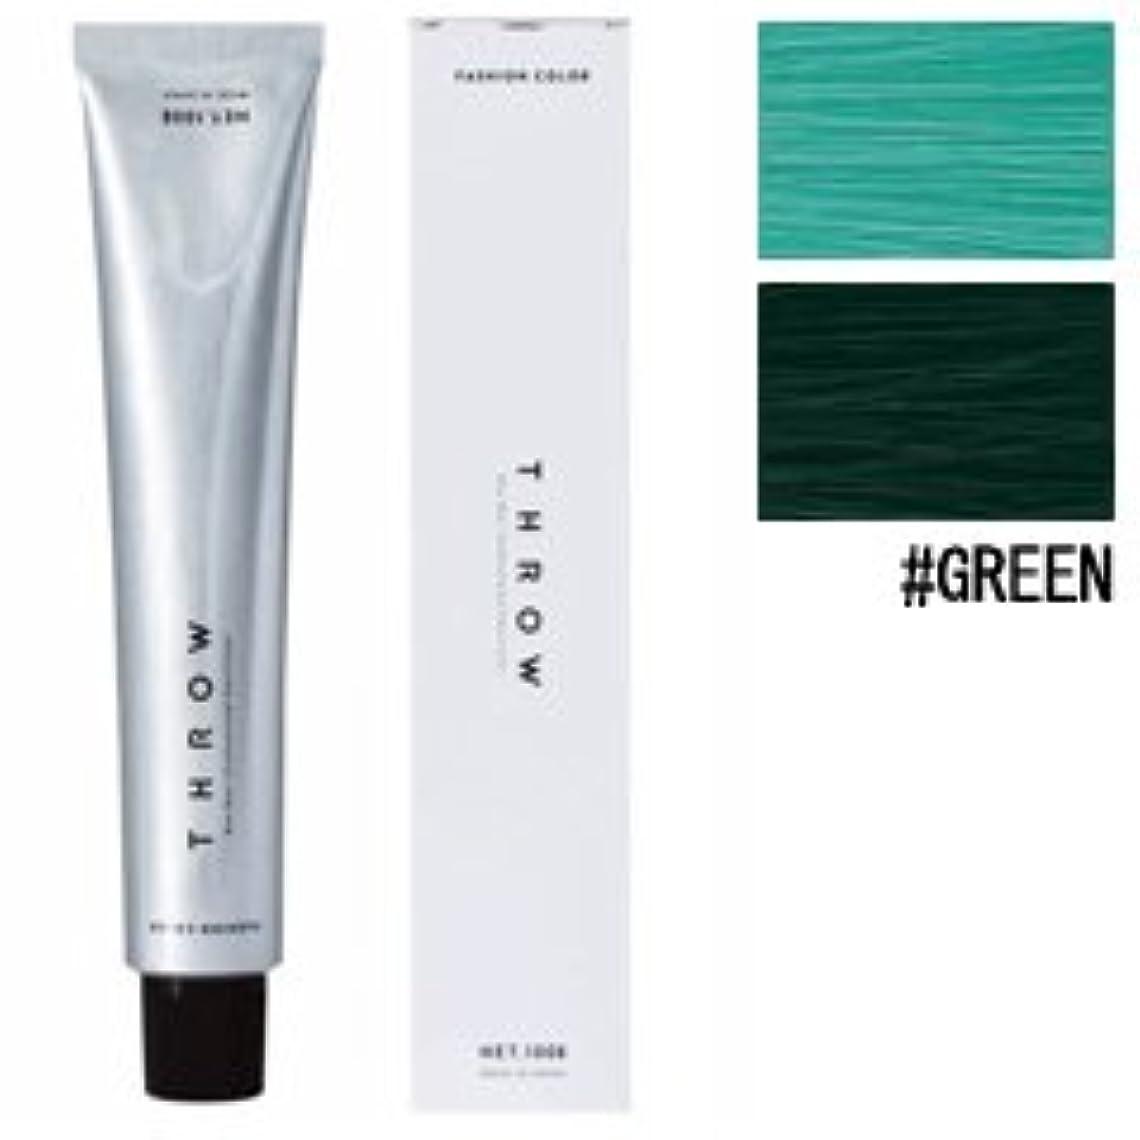 大脳衰えるパス【モルトベーネ】スロウ ファッションカラー #GREEN 100g